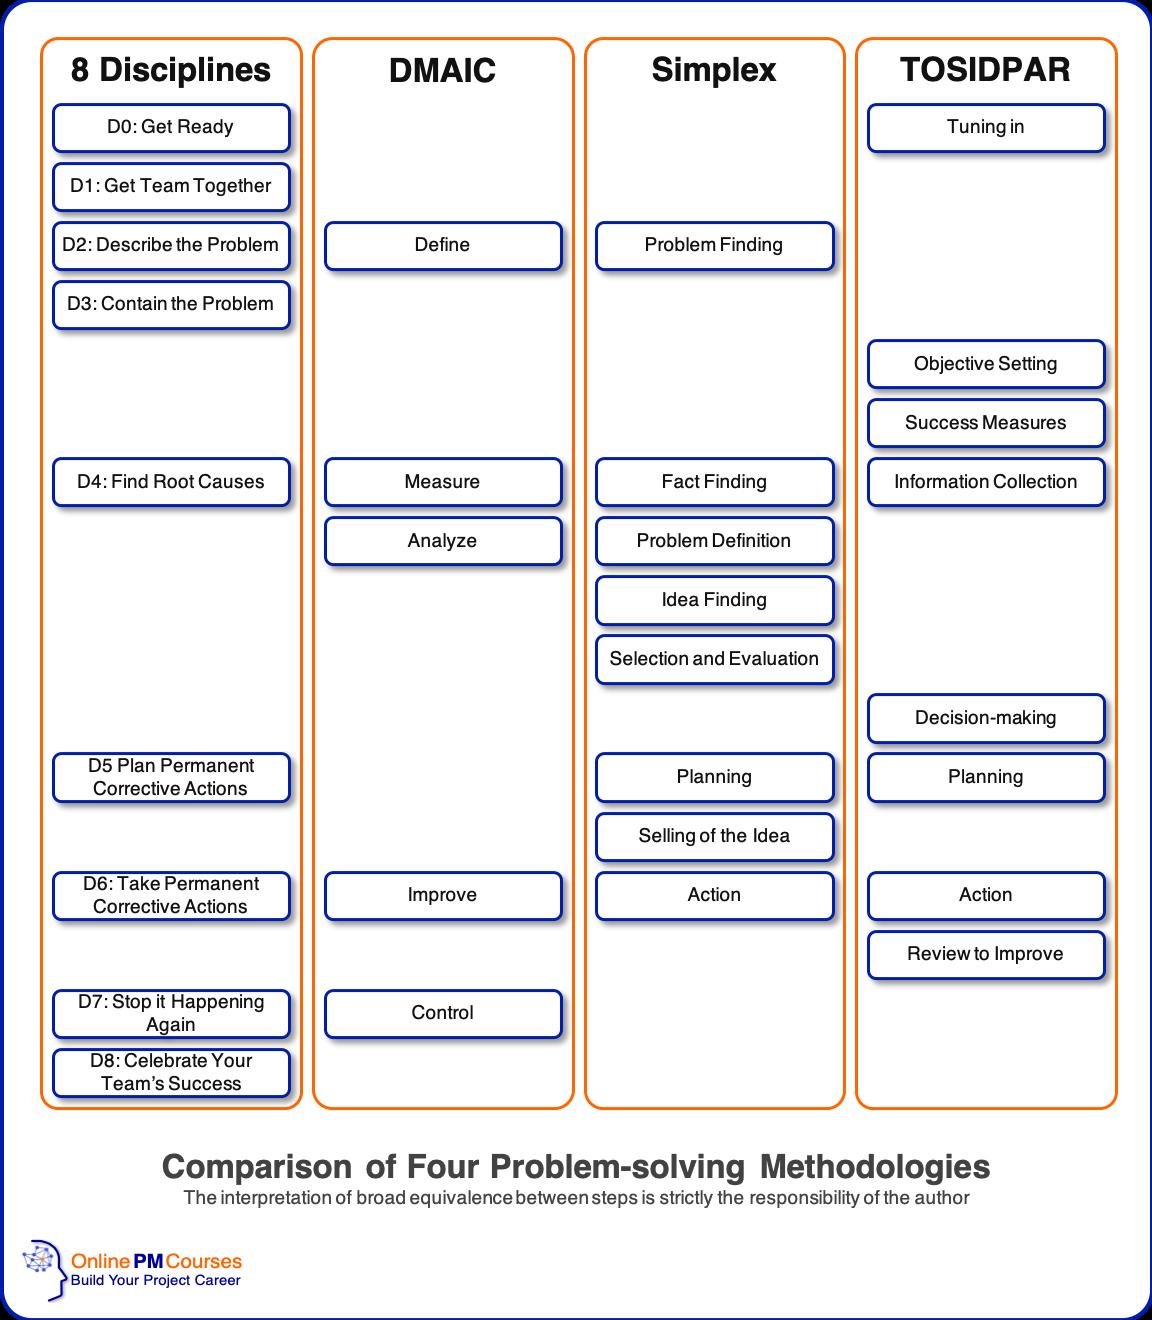 Comparison of Four Problem-solving Methodologies